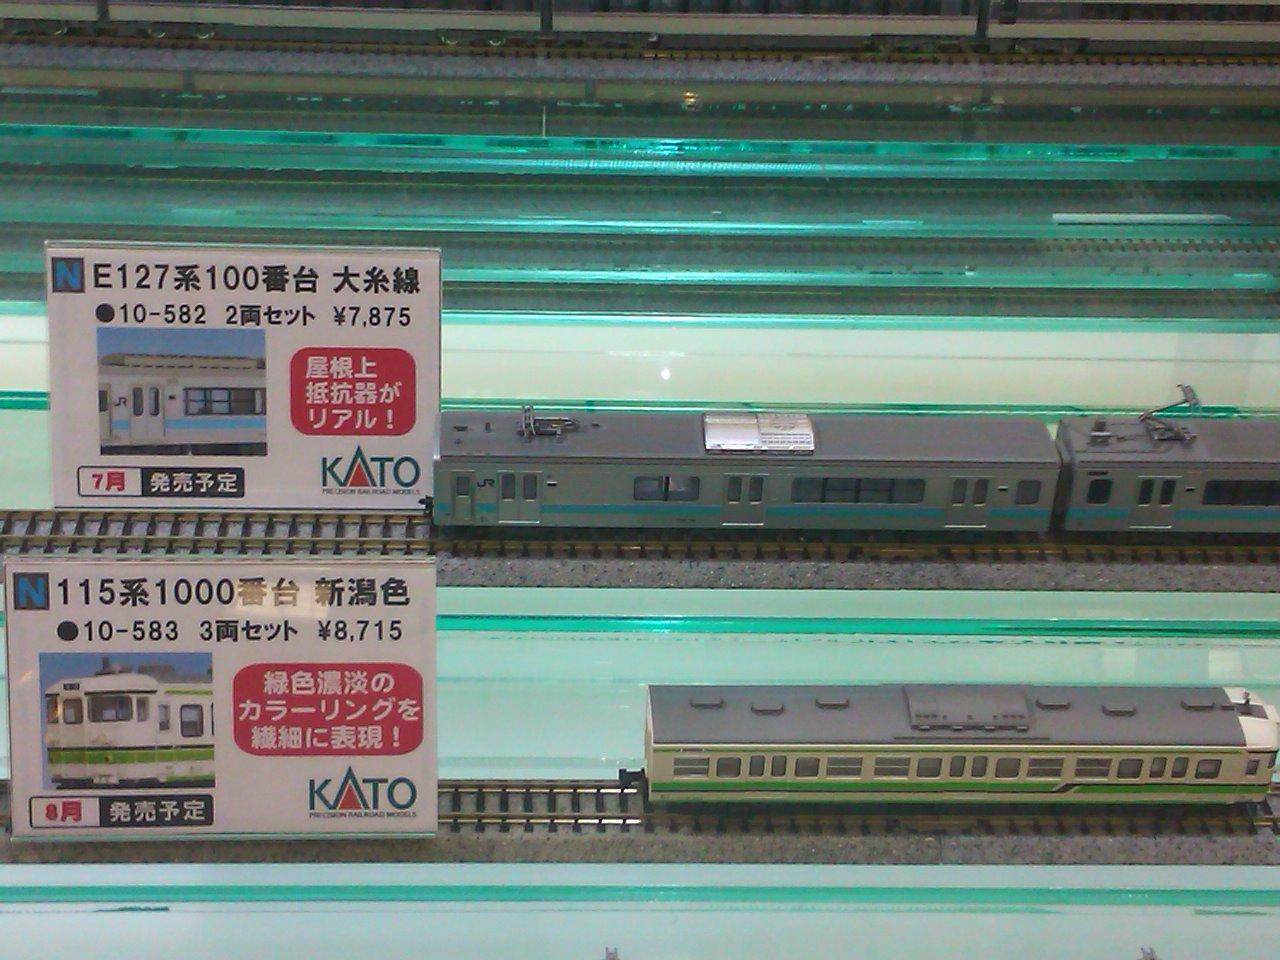 Sn3n0050